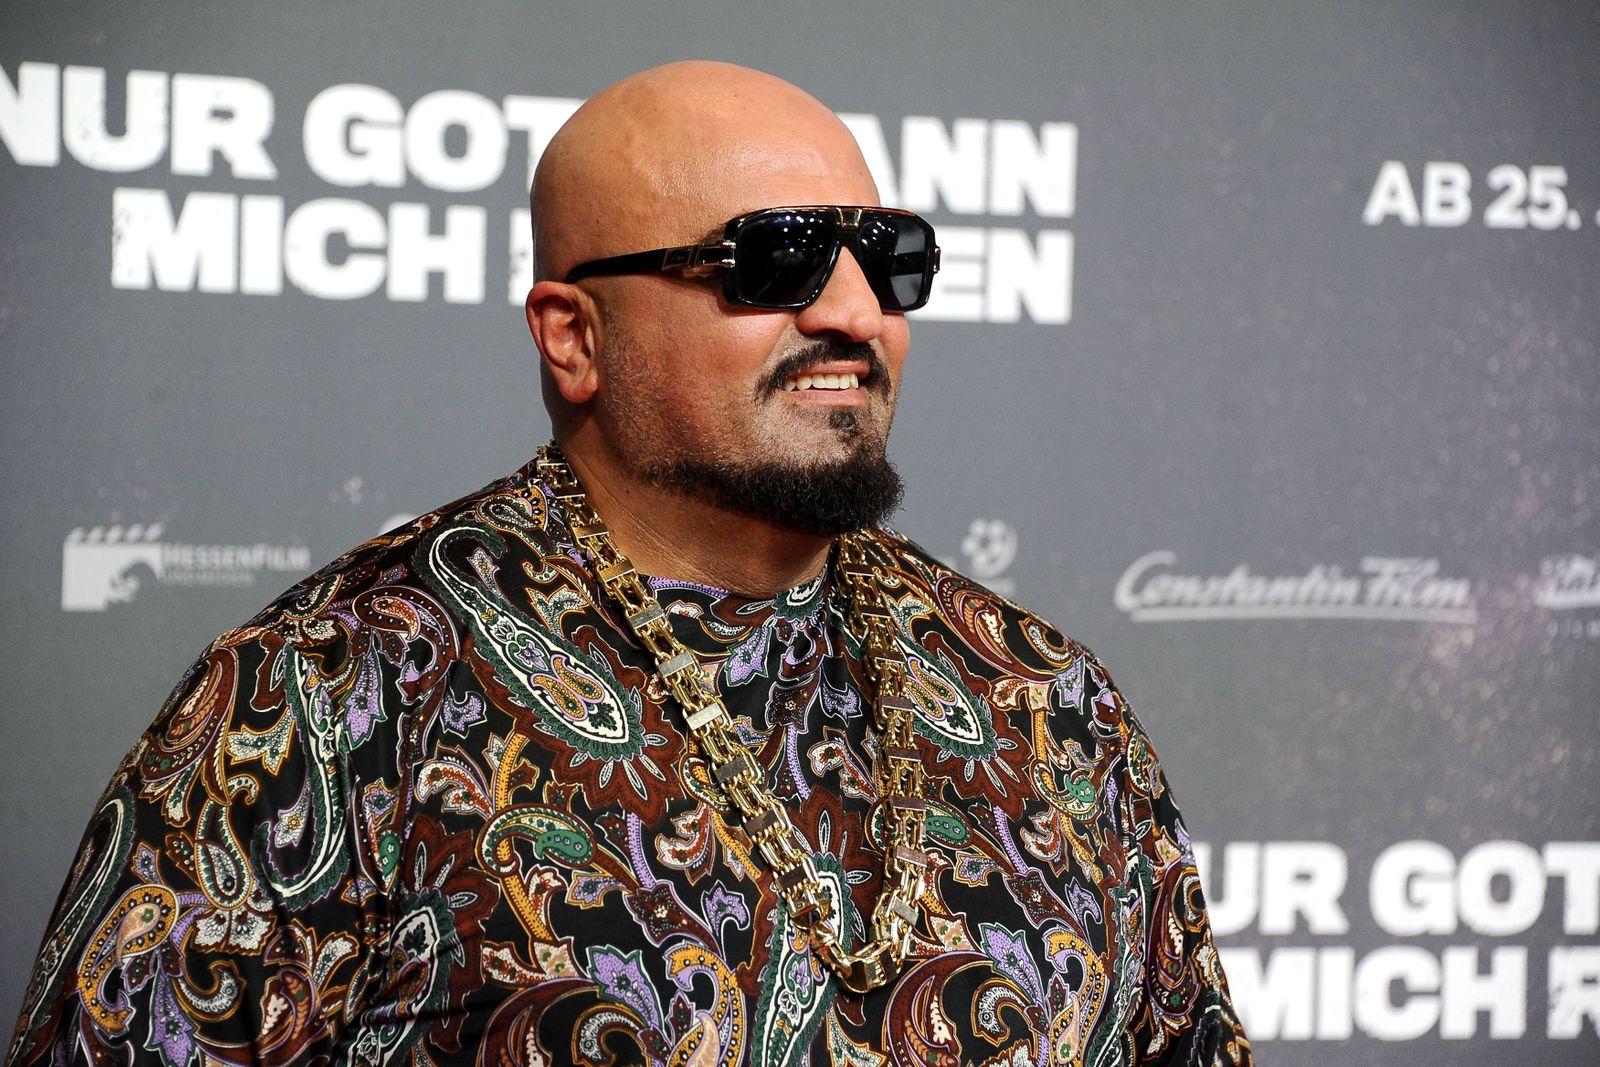 Nur Gott Kann Mich Richten Rapper Xatar bürgl Giwar Hajabi anläßlich der Premiere des Kinofi